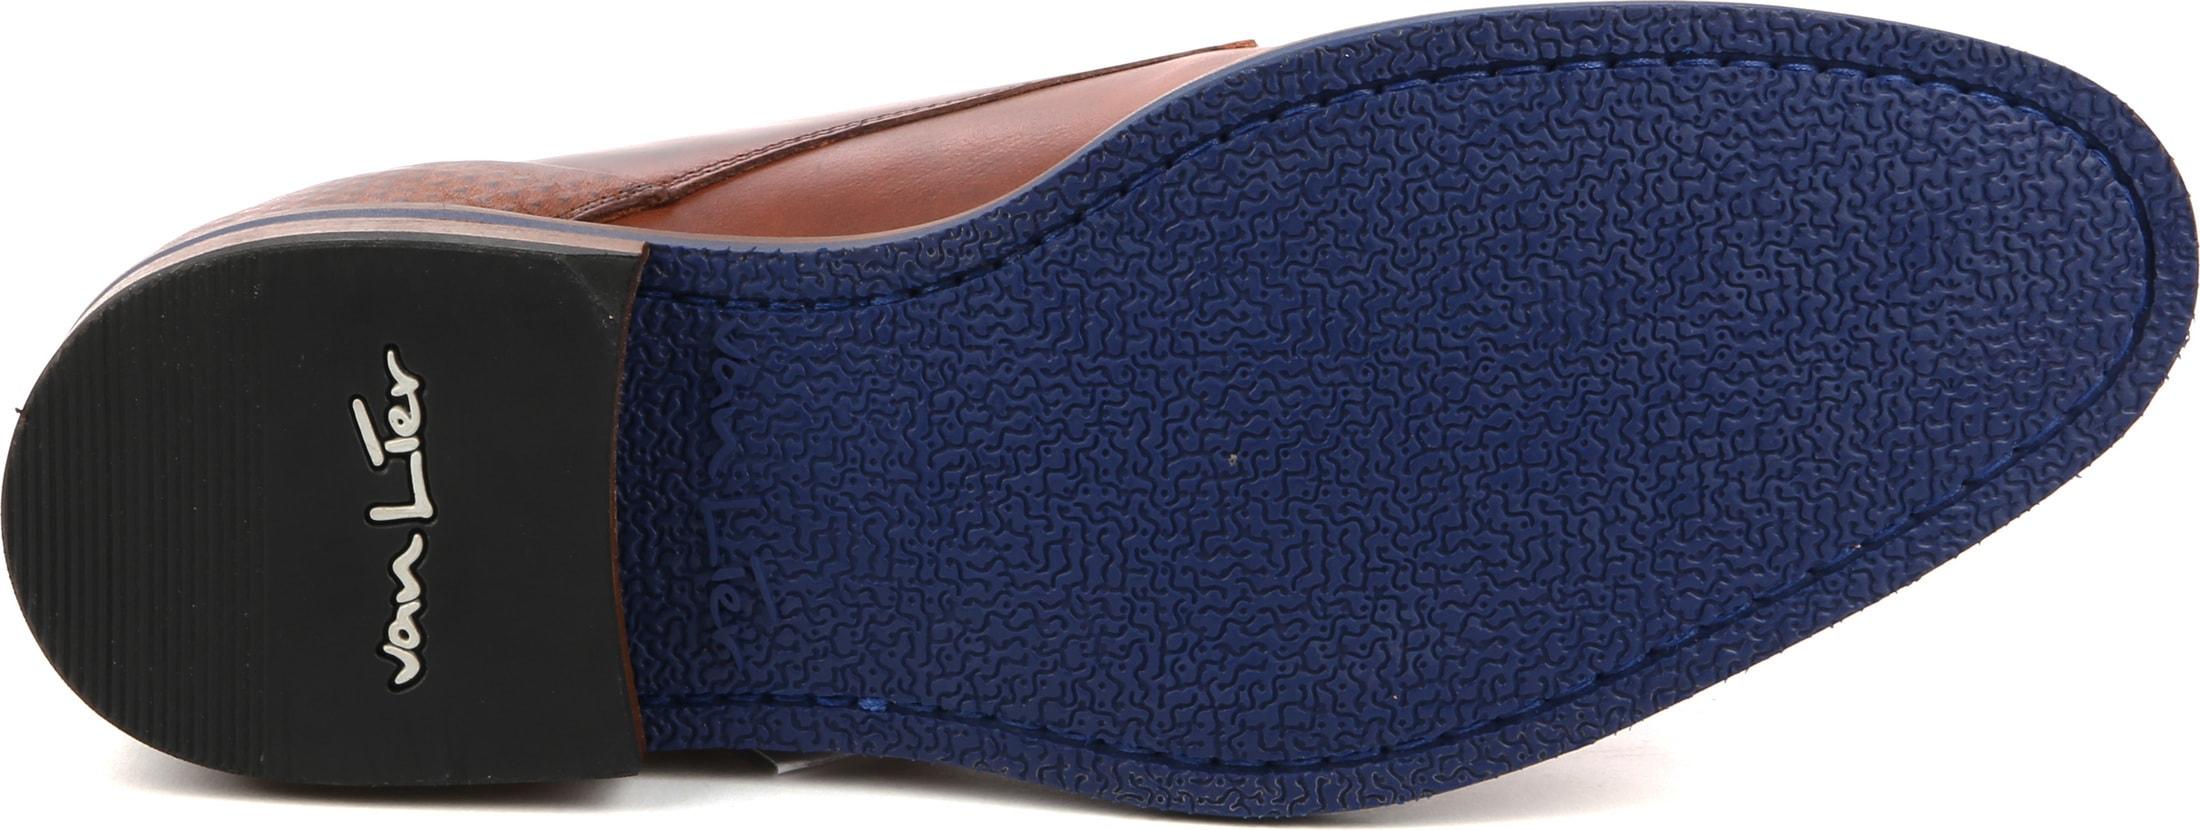 Van Lier Dress Shoes Nubuck Combi Cognac foto 3